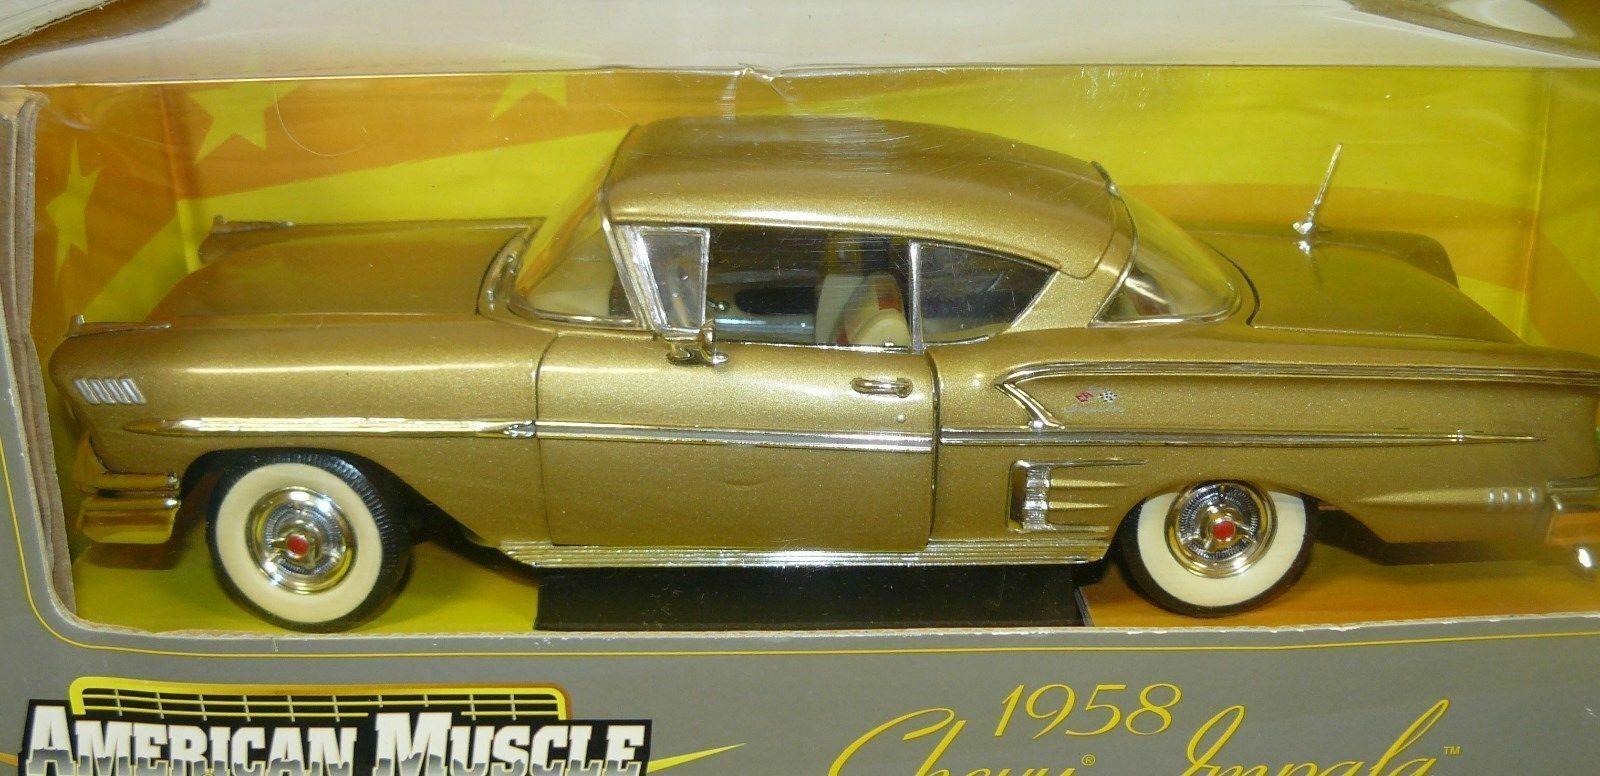 1 18, 1958 Chevy Impala, muy difícil de encontrar, rara, oro